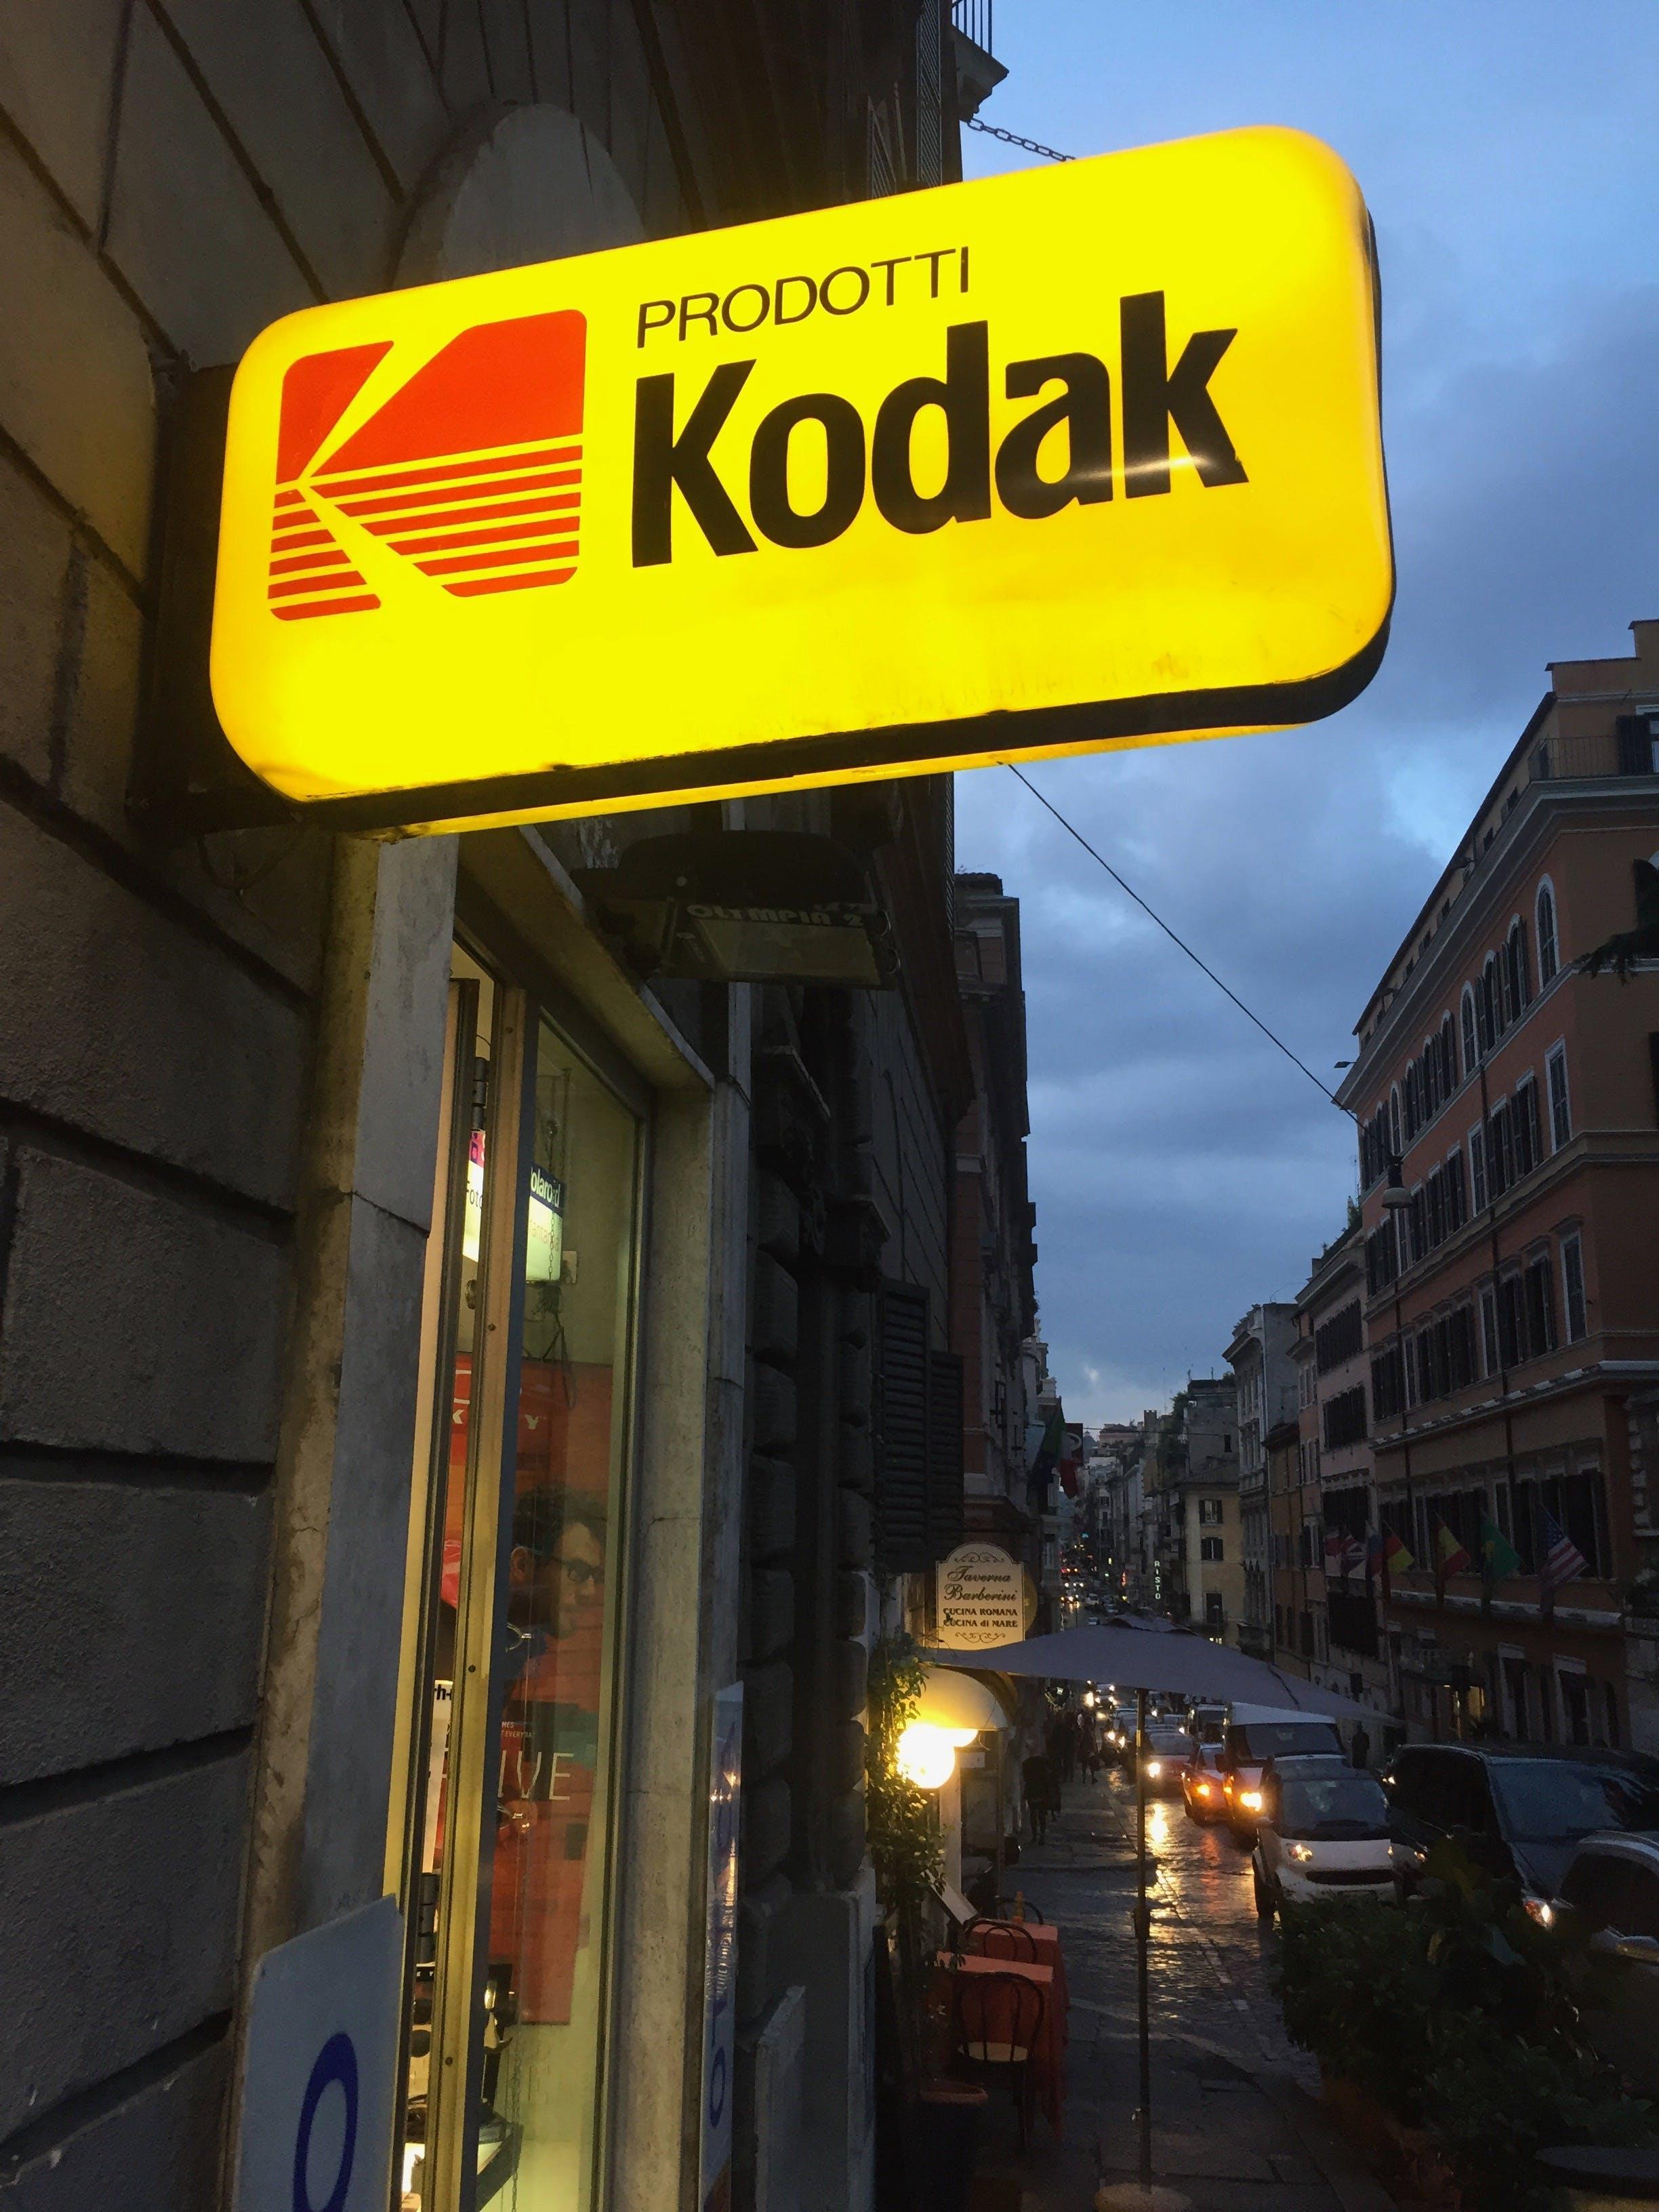 Безкоштовне стокове фото на тему «Kodak, рекламний щит»